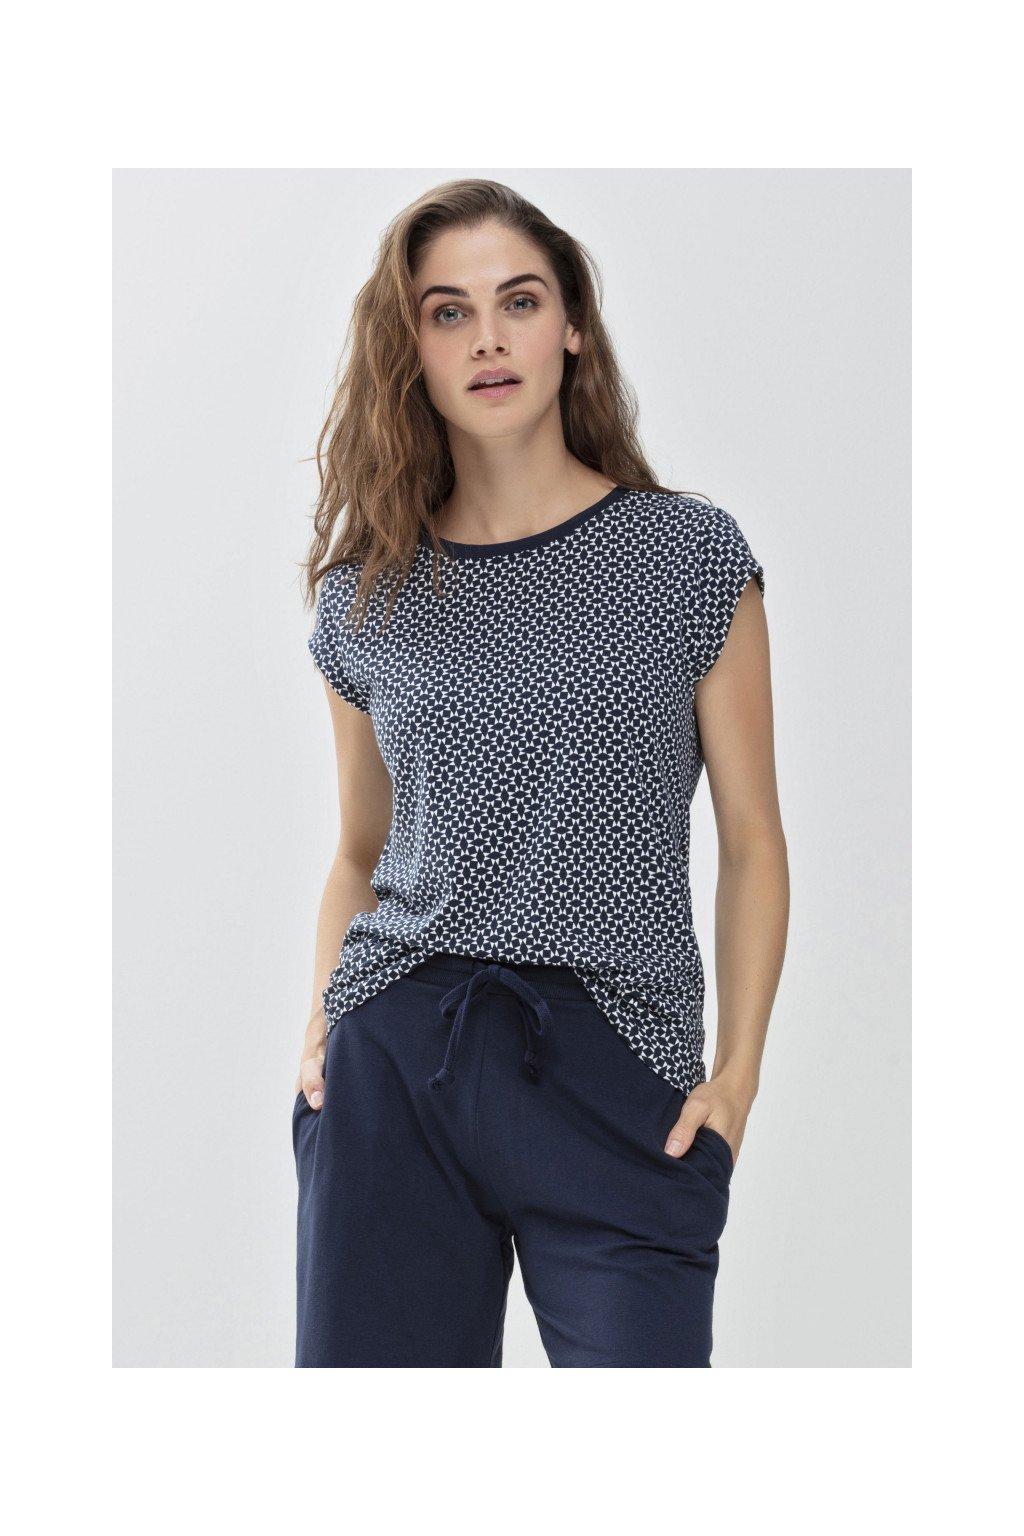 Dámske tričko Mey Isi 16960